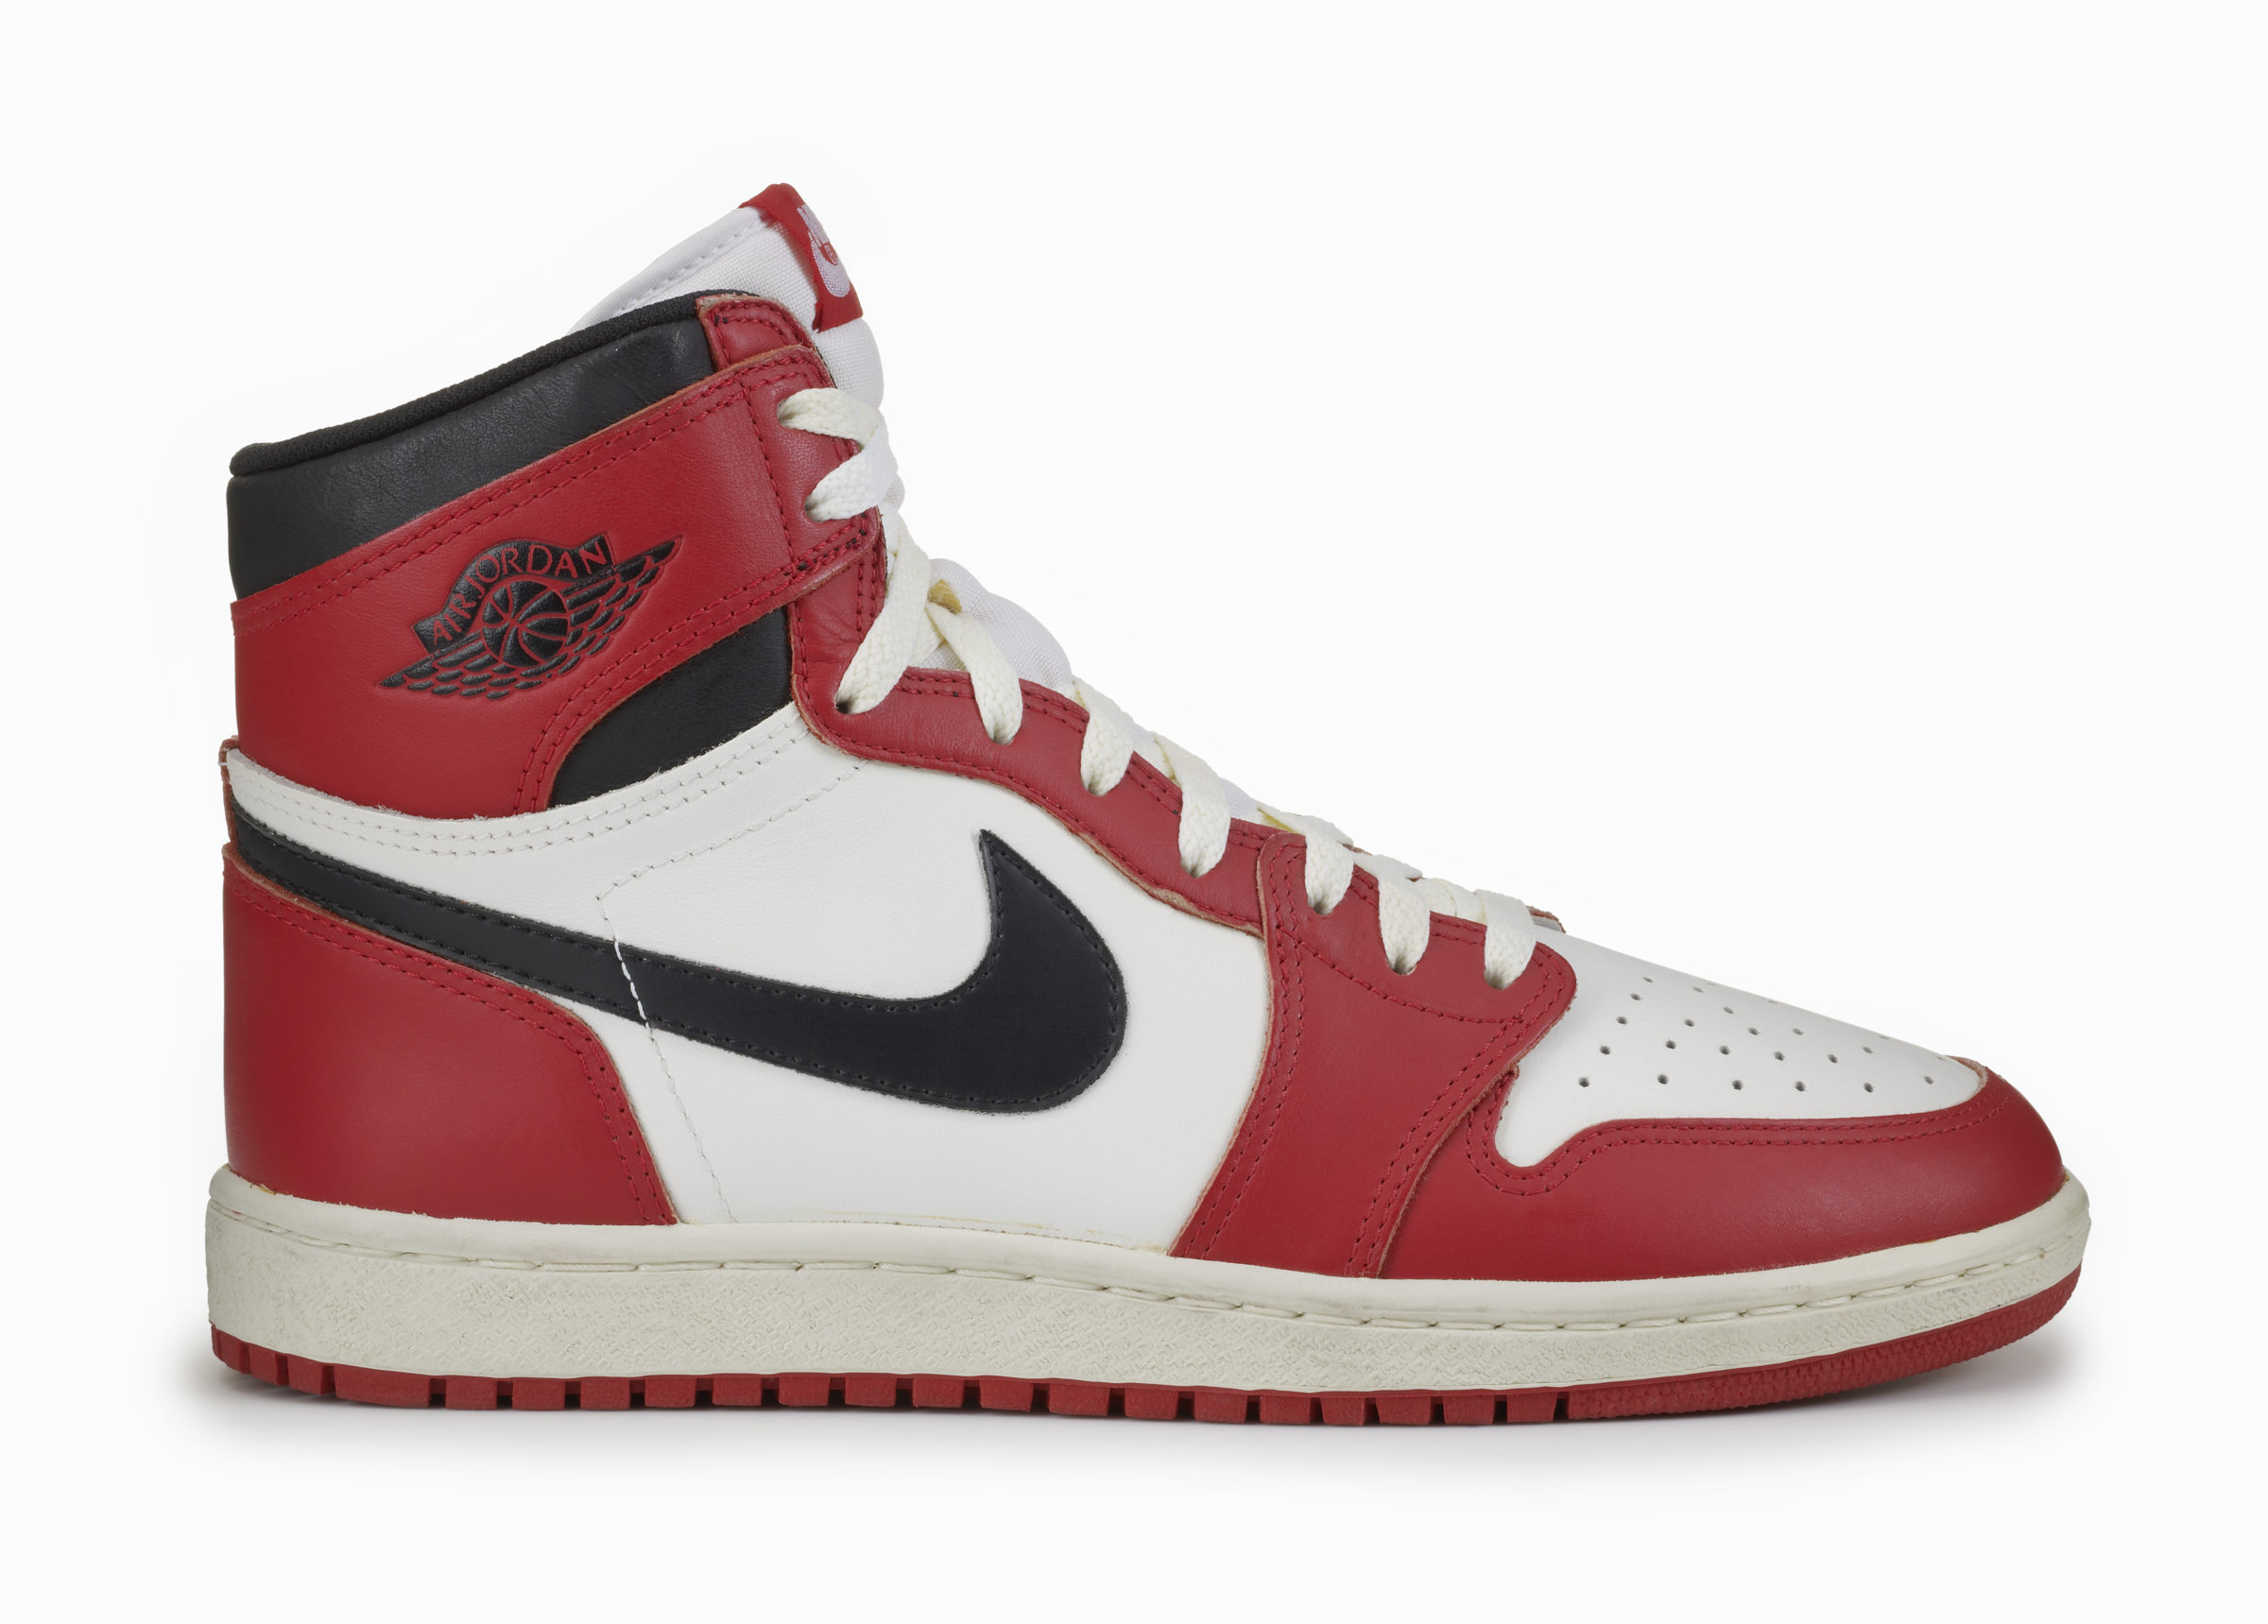 Nike Air Jordan I, 1985